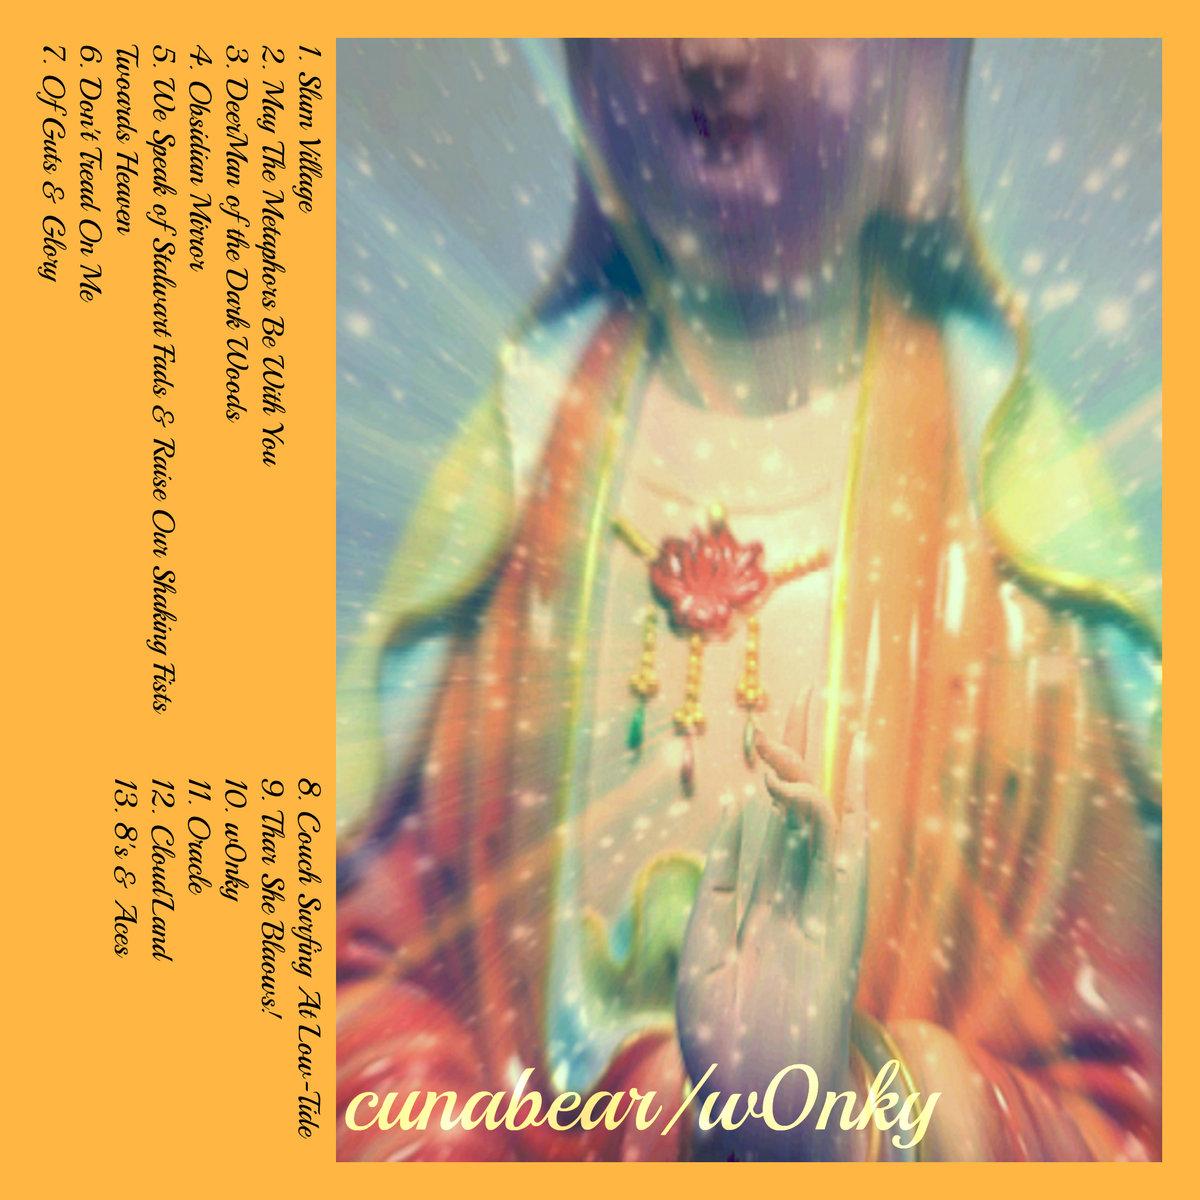 Cunabear – w0nky